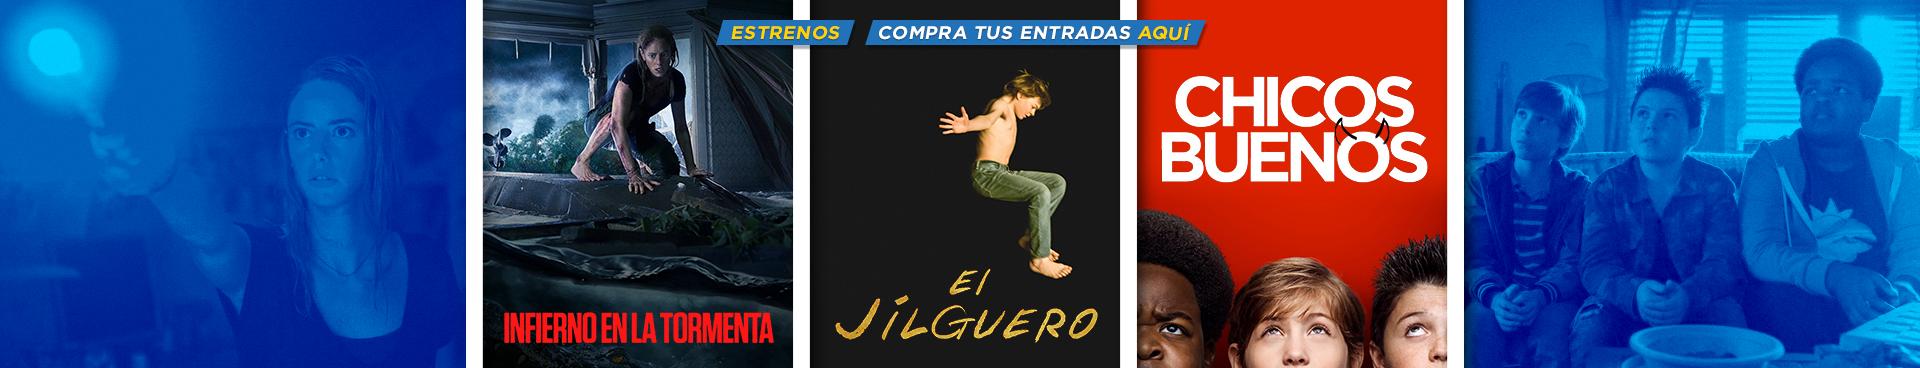 ESTRENOS: INFIERNO EN LA TORMENTA + EL JILGUERO + CHICOS BUENOS, COMPRA AQUÍ TU ENTRADA